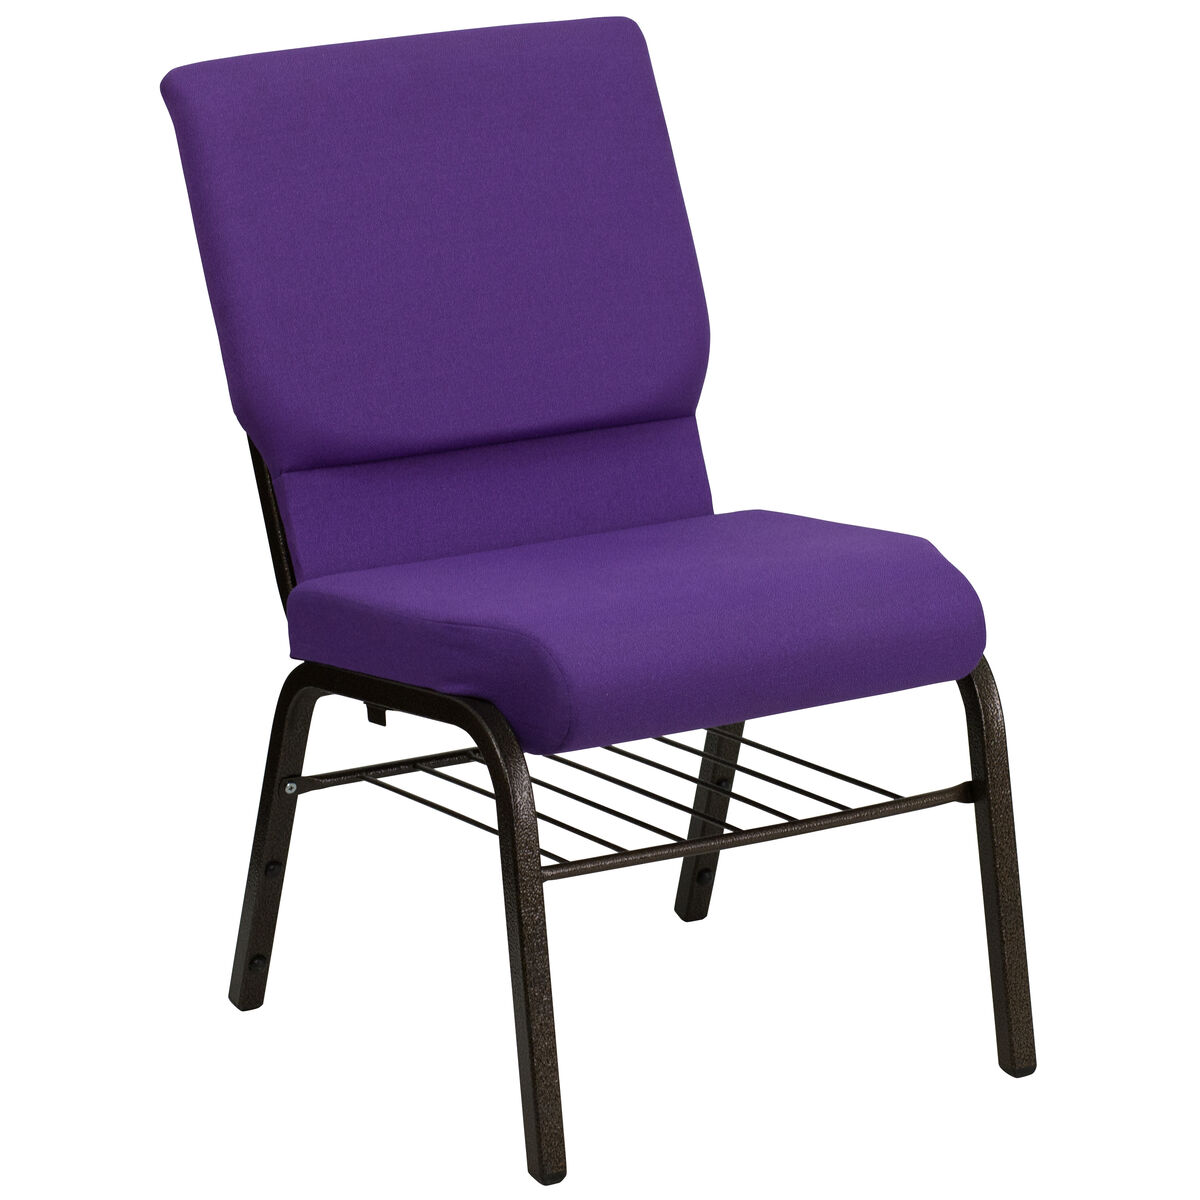 Purple Fabric Church Chair Xu Ch 60096 Pu Bas Gg